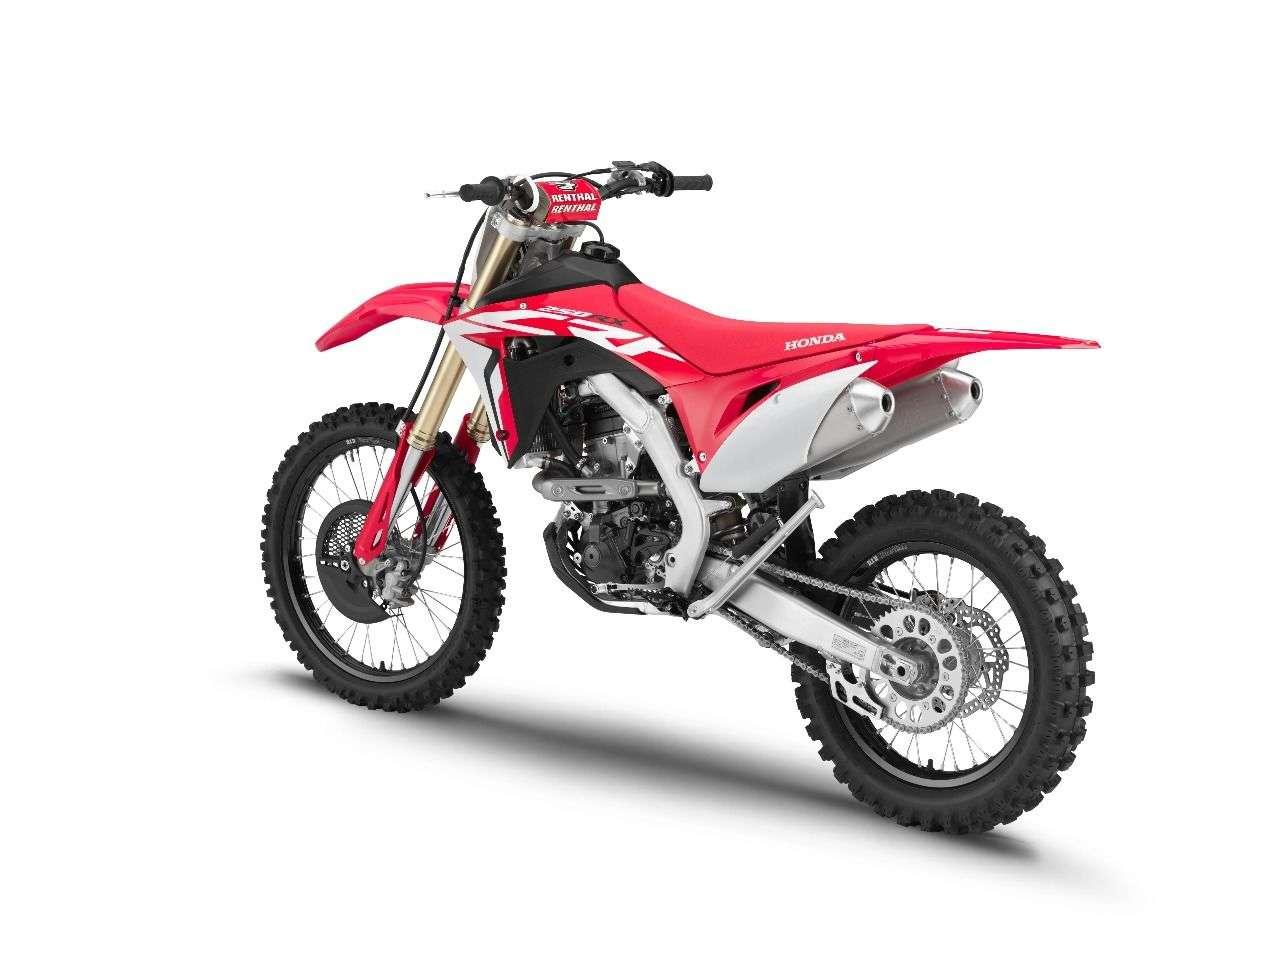 Honda CRF250R Modell 2019